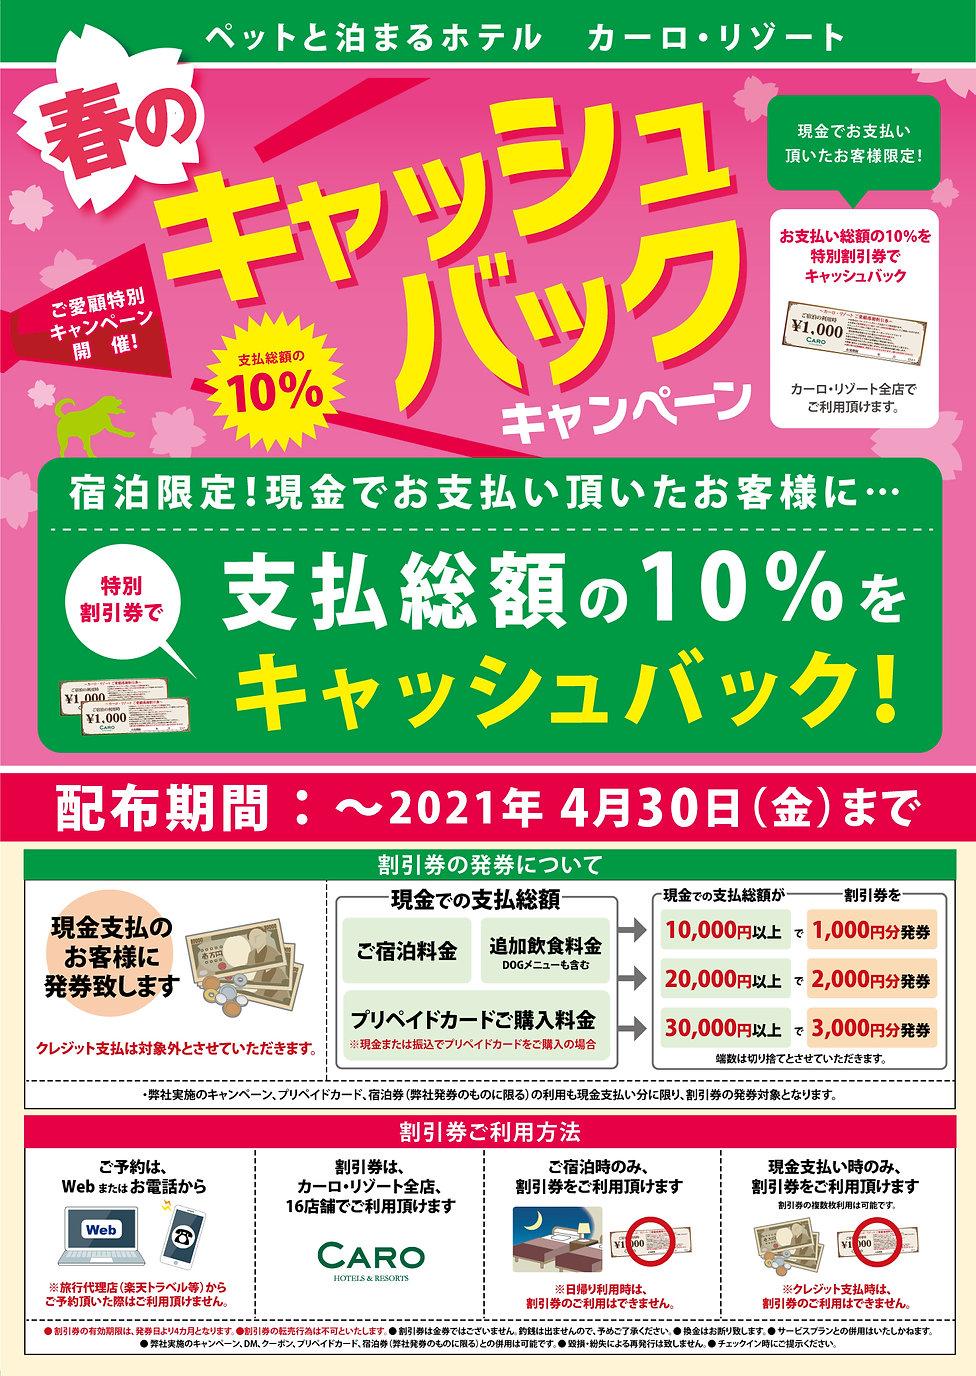 春のキャッシュバックキャンペーン2021 B2ポスター.jpg